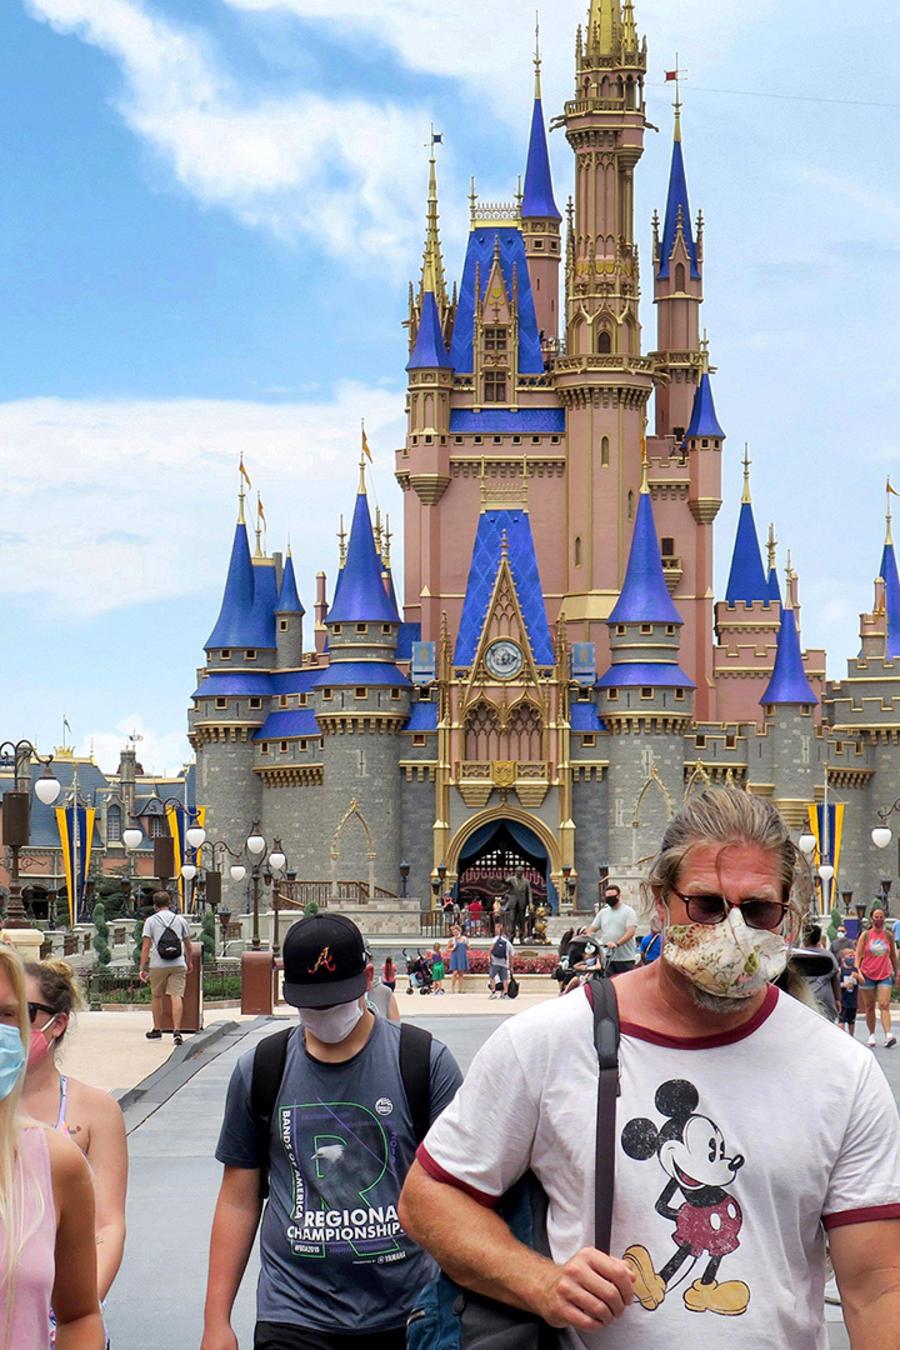 Florida ha visto un repunte tanto en casos nuevos como en muertes por coronavirus. Quienes visiten los parques deben usar mascarillas, en Walt Disney World en Lake Buena Vista, Florida, el sábado 11 de julio de 2020.